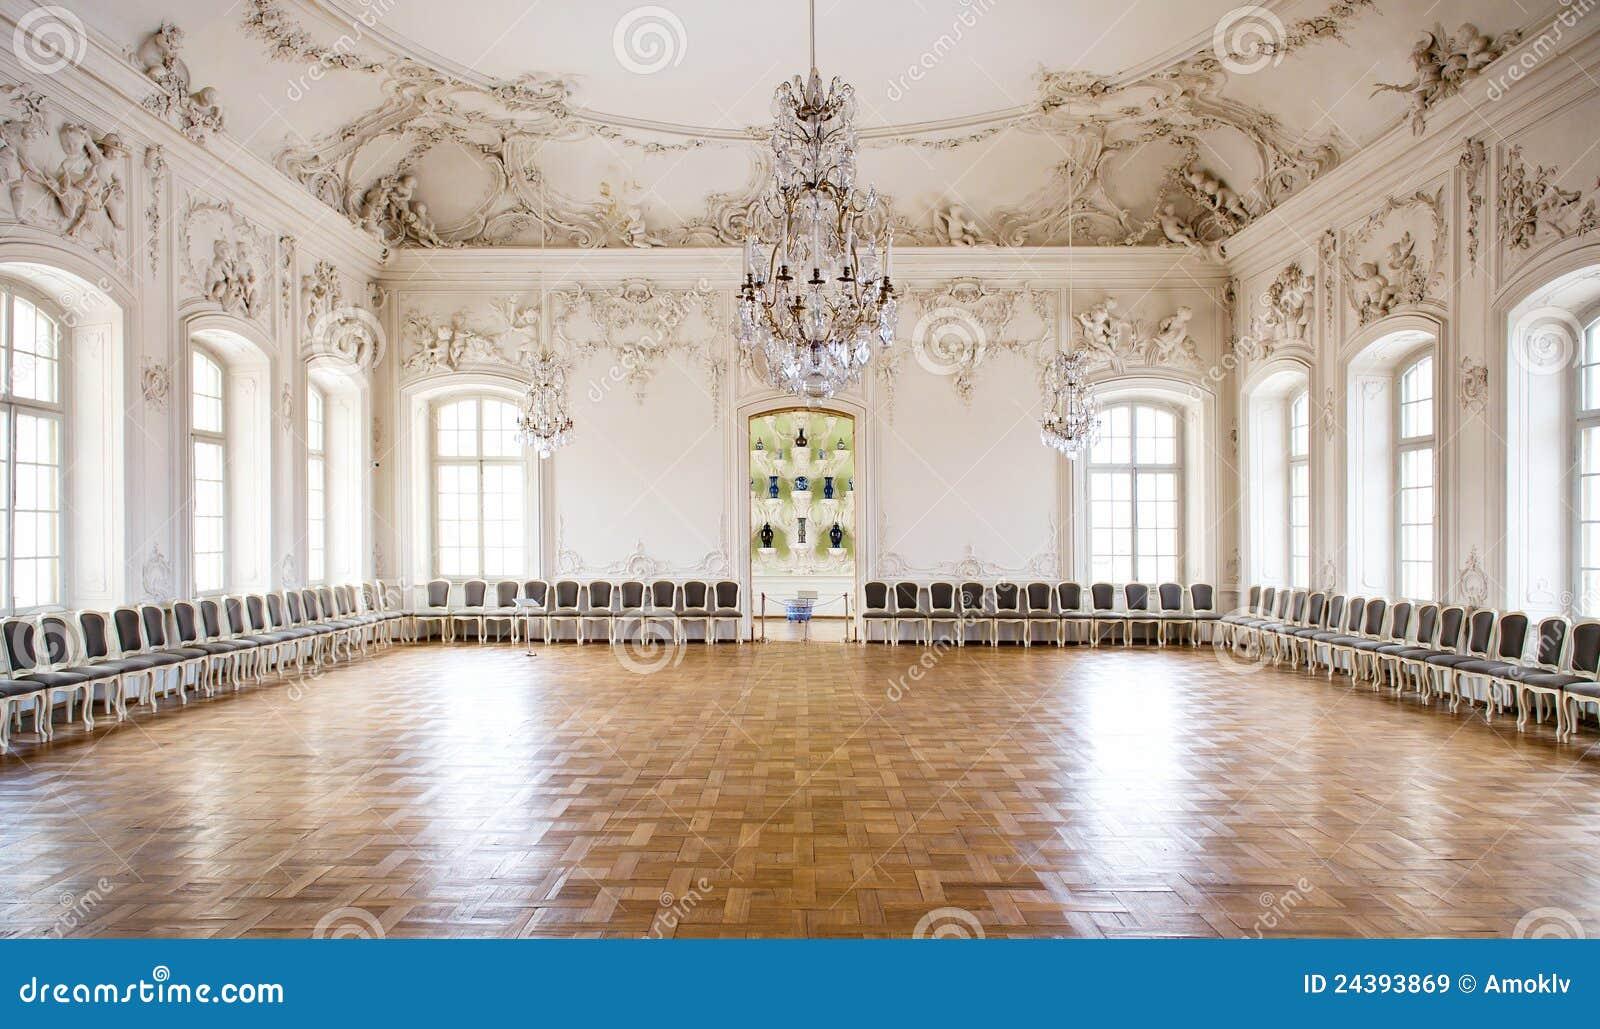 舞厅大厅宫殿rundale图片